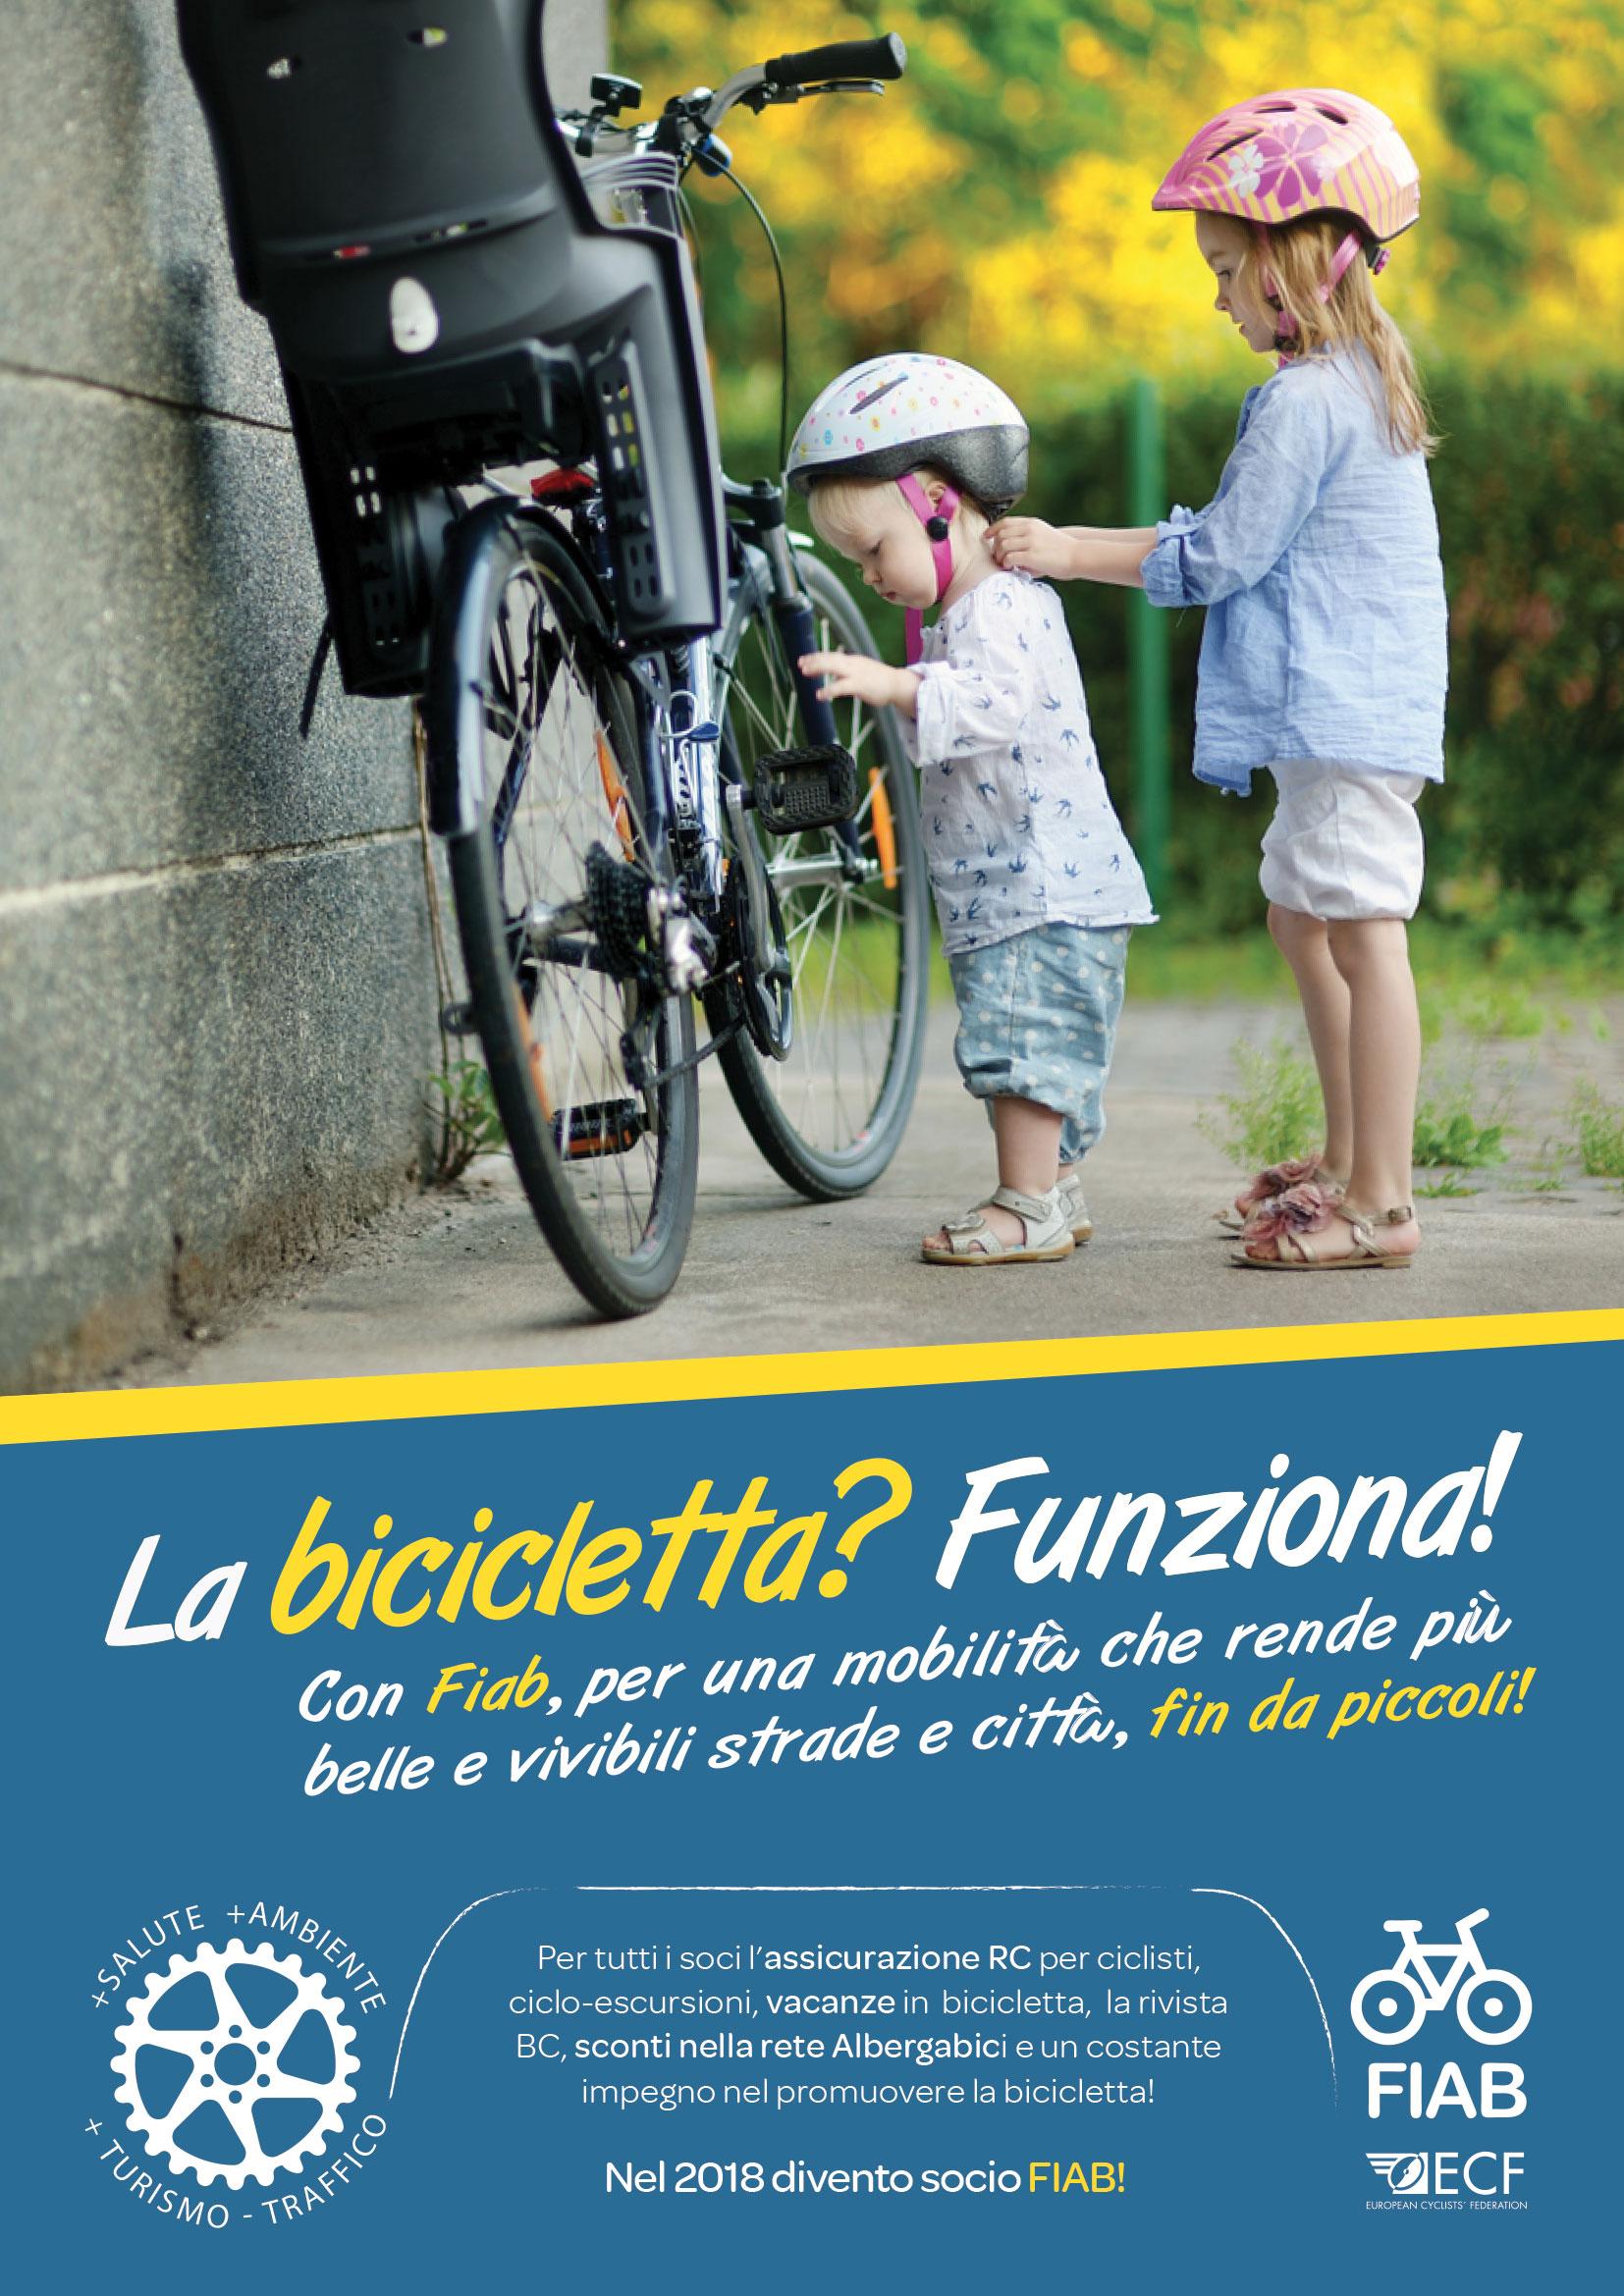 La bicicletta? Funziona!